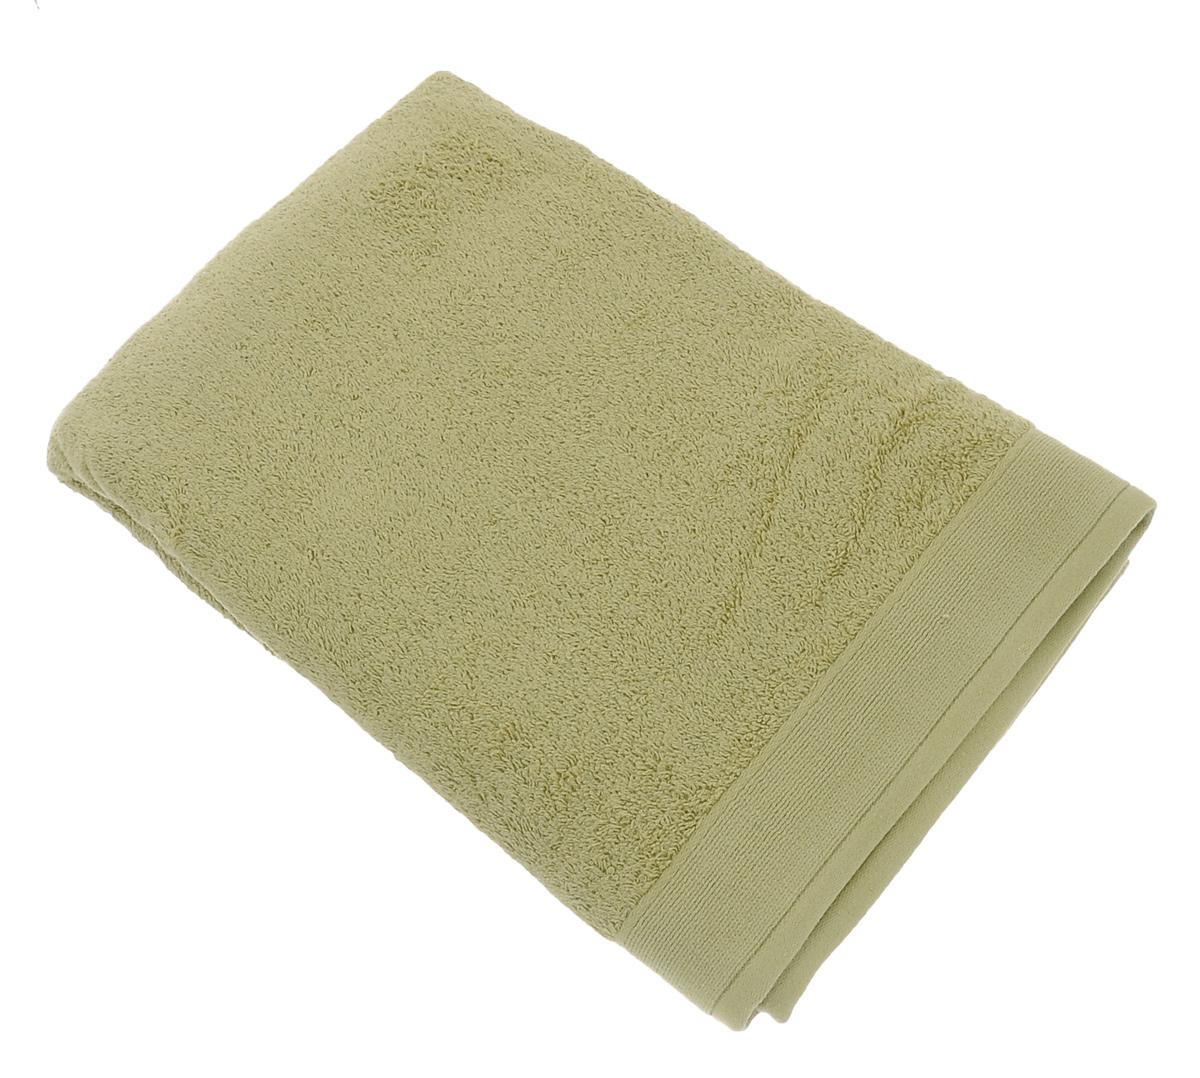 Полотенце махровое Guten Morgen, цвет: фисташковый, 100 см х 150 смПМф-100-150Махровое полотенце Guten Morgen, изготовленное из натурального хлопка, прекрасно впитывает влагу и быстро сохнет. Высокая плотность ткани делает полотенце мягкими, прочными и пушистыми. При соблюдении рекомендаций по уходу изделие сохраняет яркость цвета и не теряет форму даже после многократных стирок. Махровое полотенце Guten Morgen станет достойным выбором для вас и приятным подарком для ваших близких. Мягкость и высокое качество материала, из которого изготовлено полотенце, не оставит вас равнодушными.